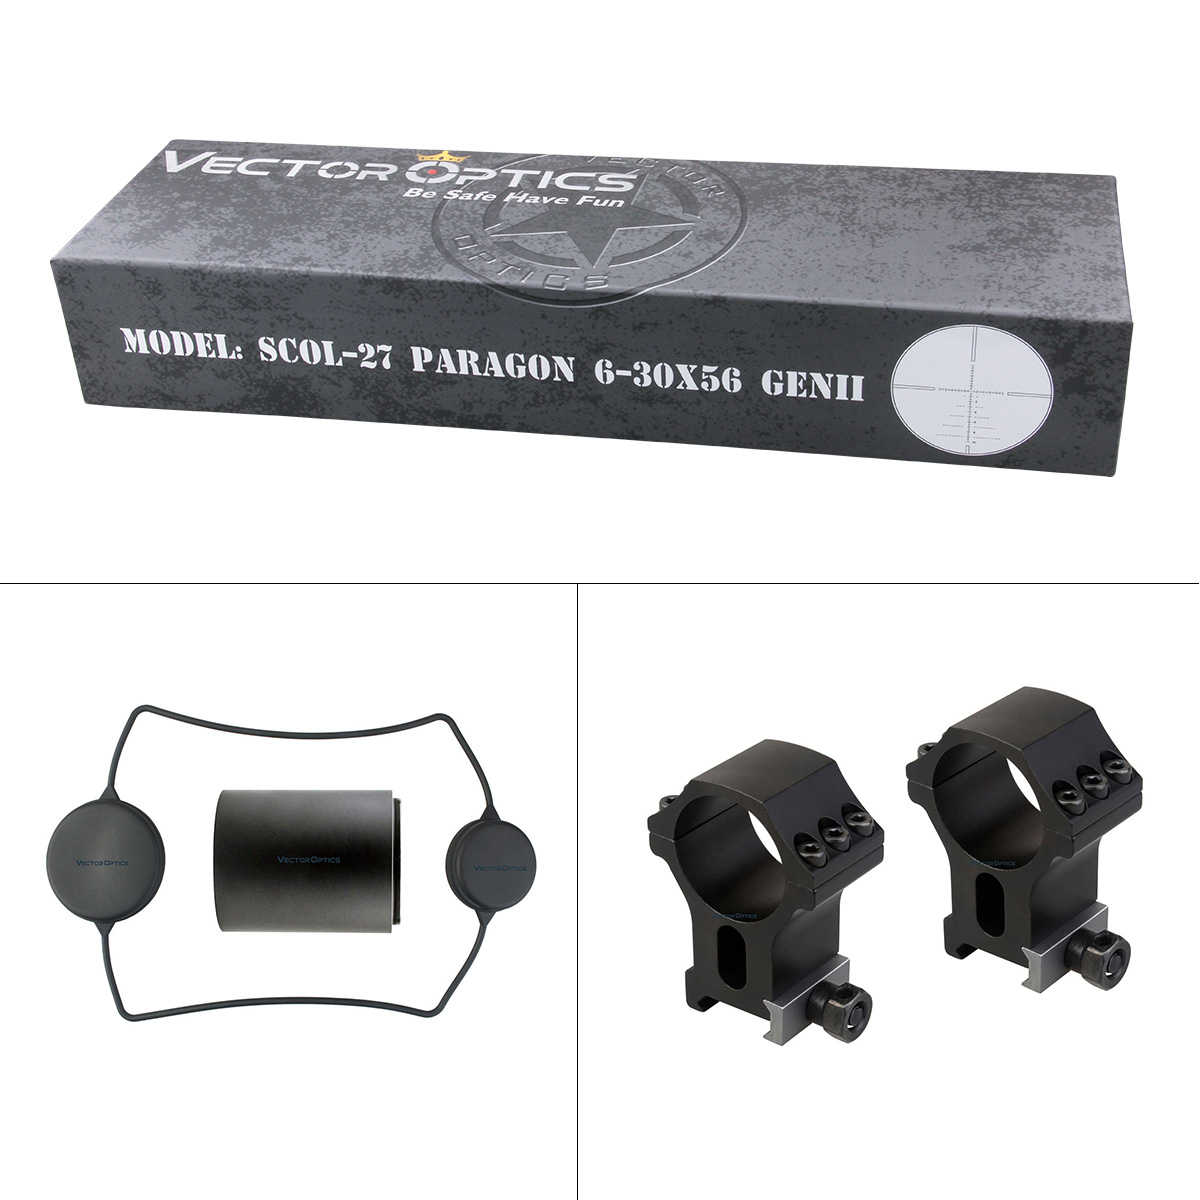 Óptica do vetor paragon 6-30x56 genii caça riflescope alvo tático rifle escopo 90% transmissão de luz min 15yds foco lateral